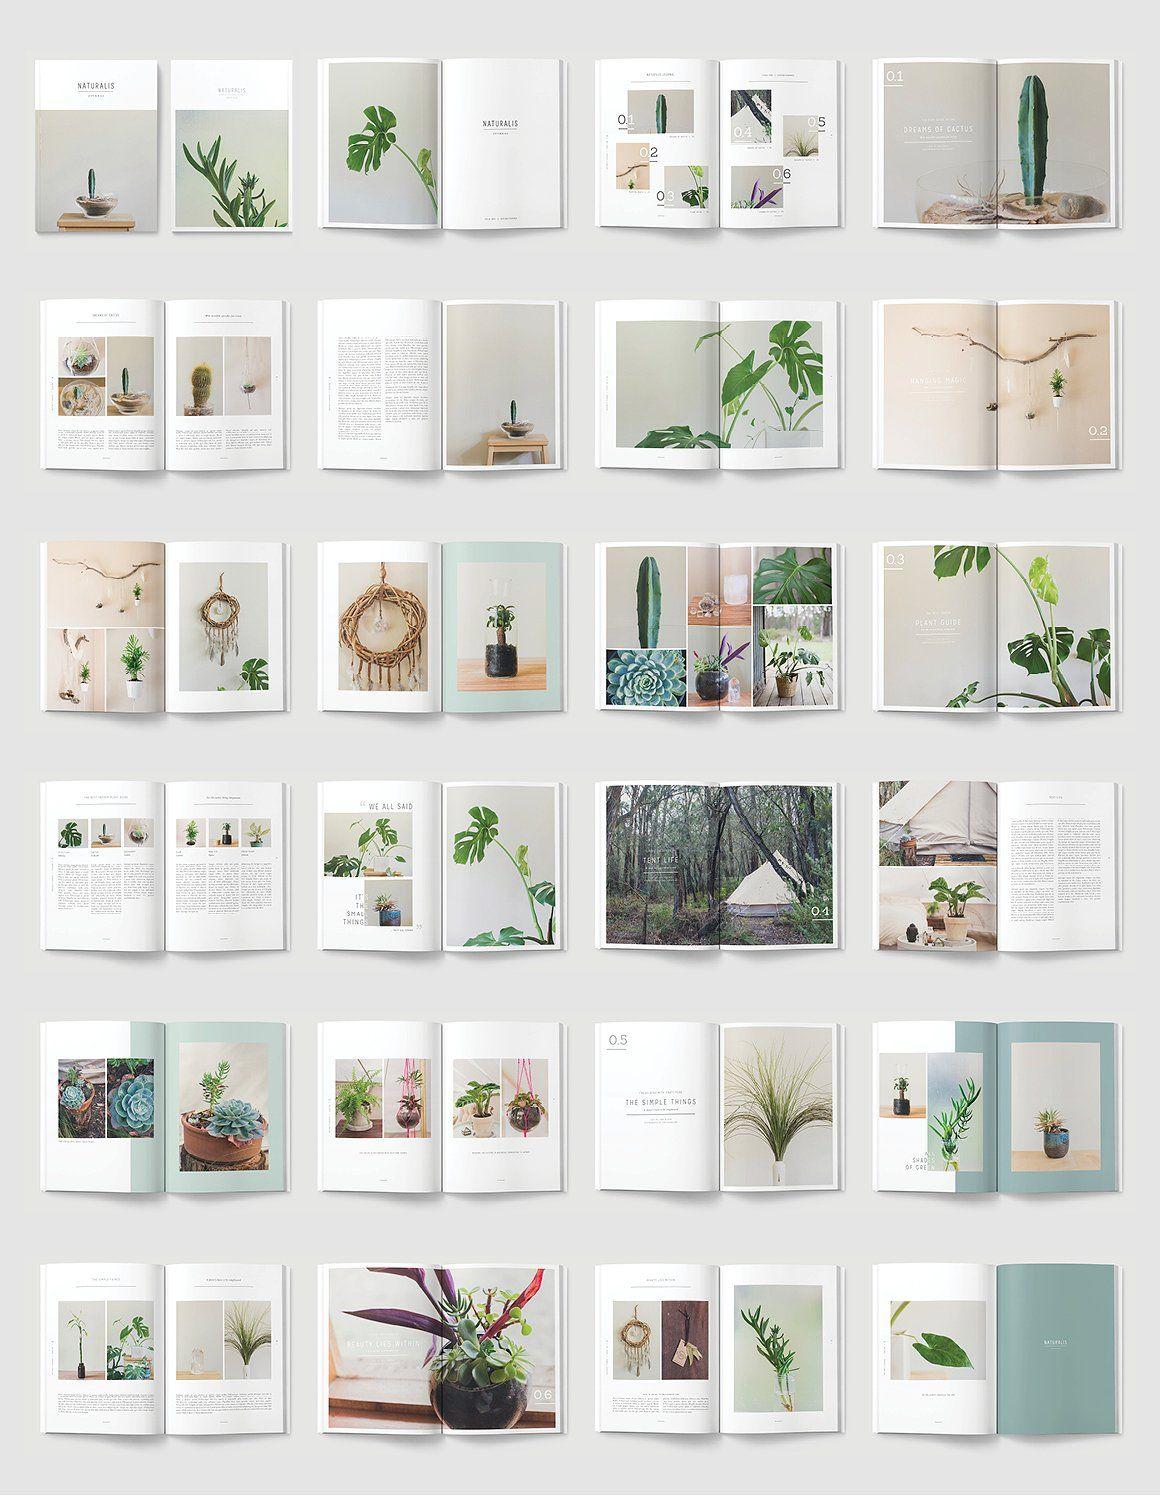 Ejemplo catálogo | para diseños | Pinterest | Catálogo